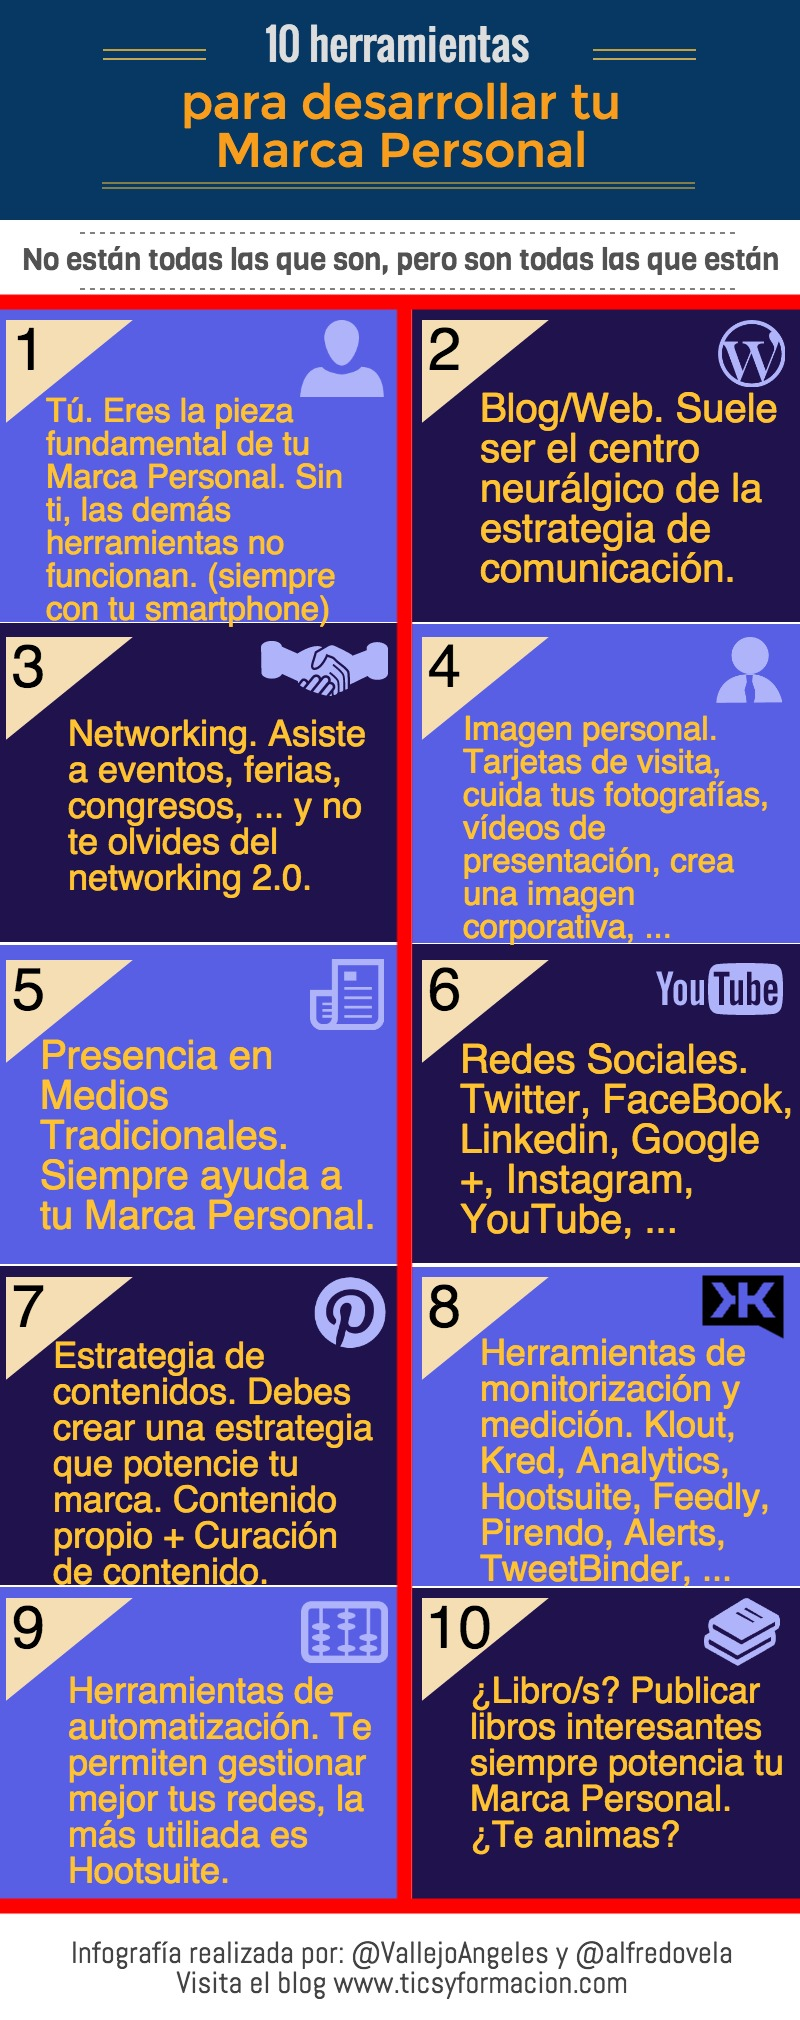 10 herramientas para desarrollar tu Marca Personal